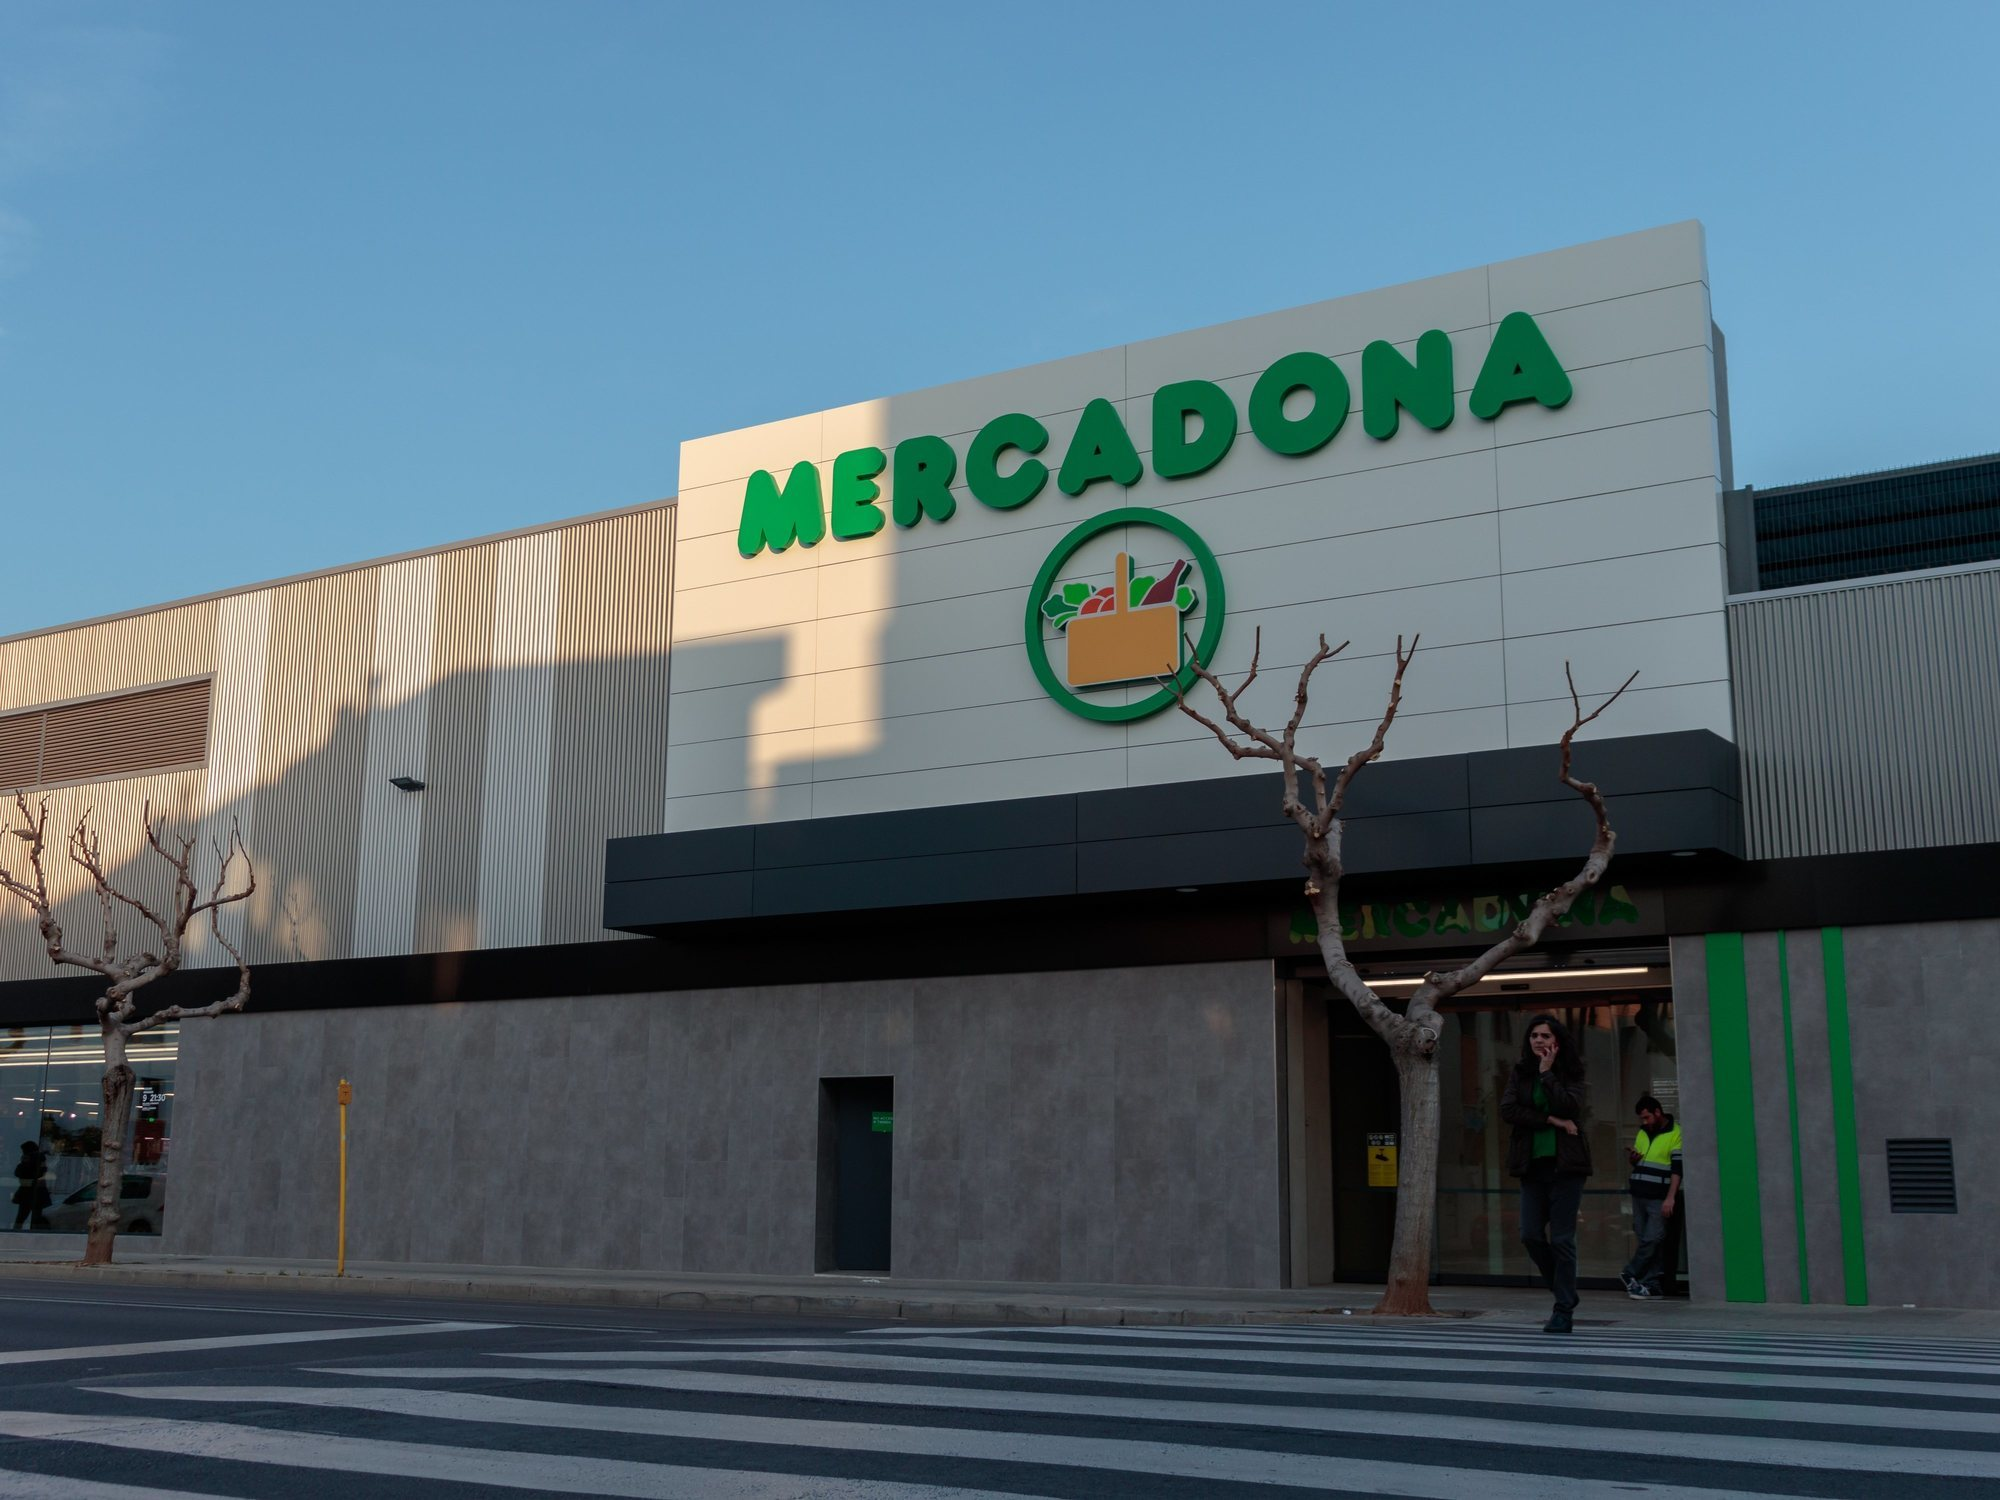 Mercadona busca personal a media jornada por 900 euros para su sección de comida preparada